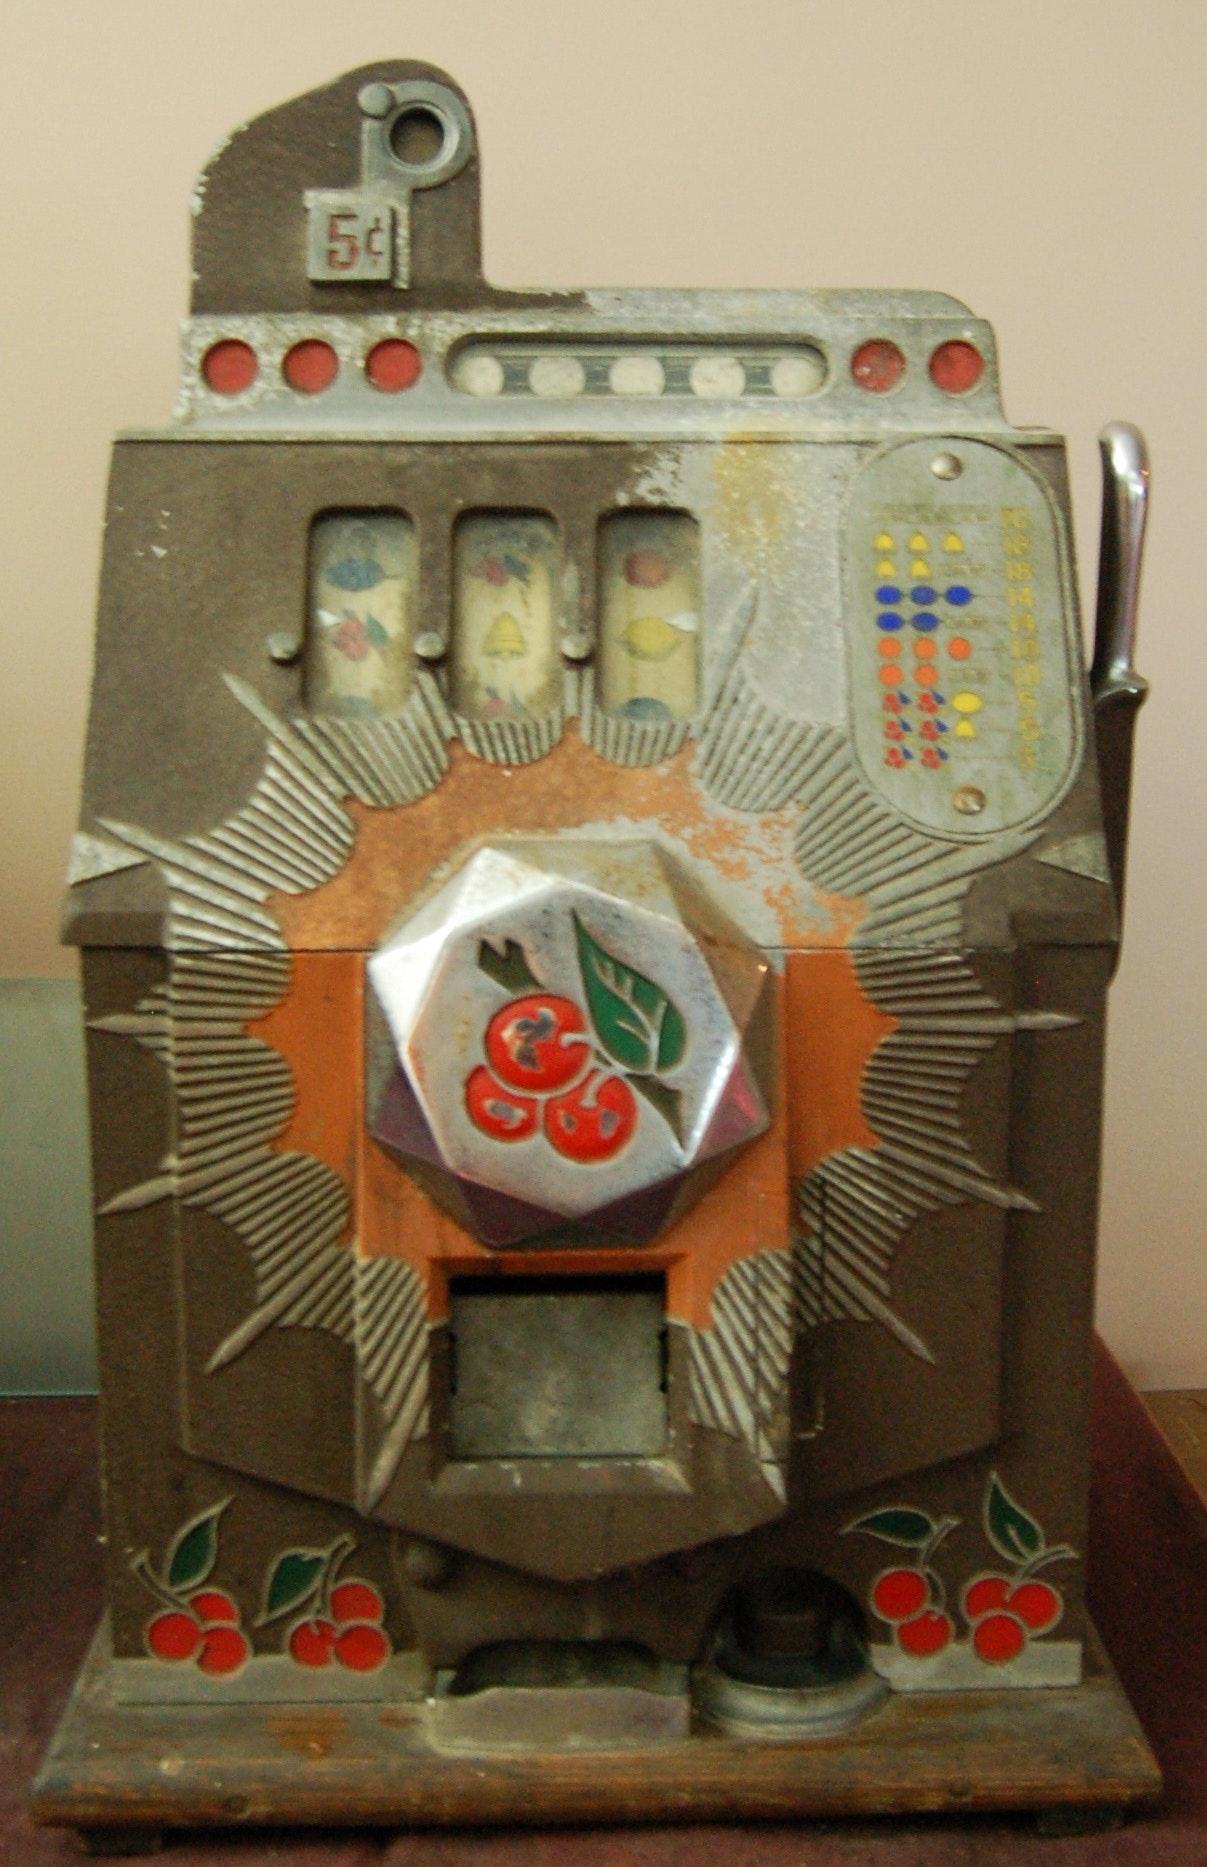 Mills Bursting Cherry Nickel Slot Machine